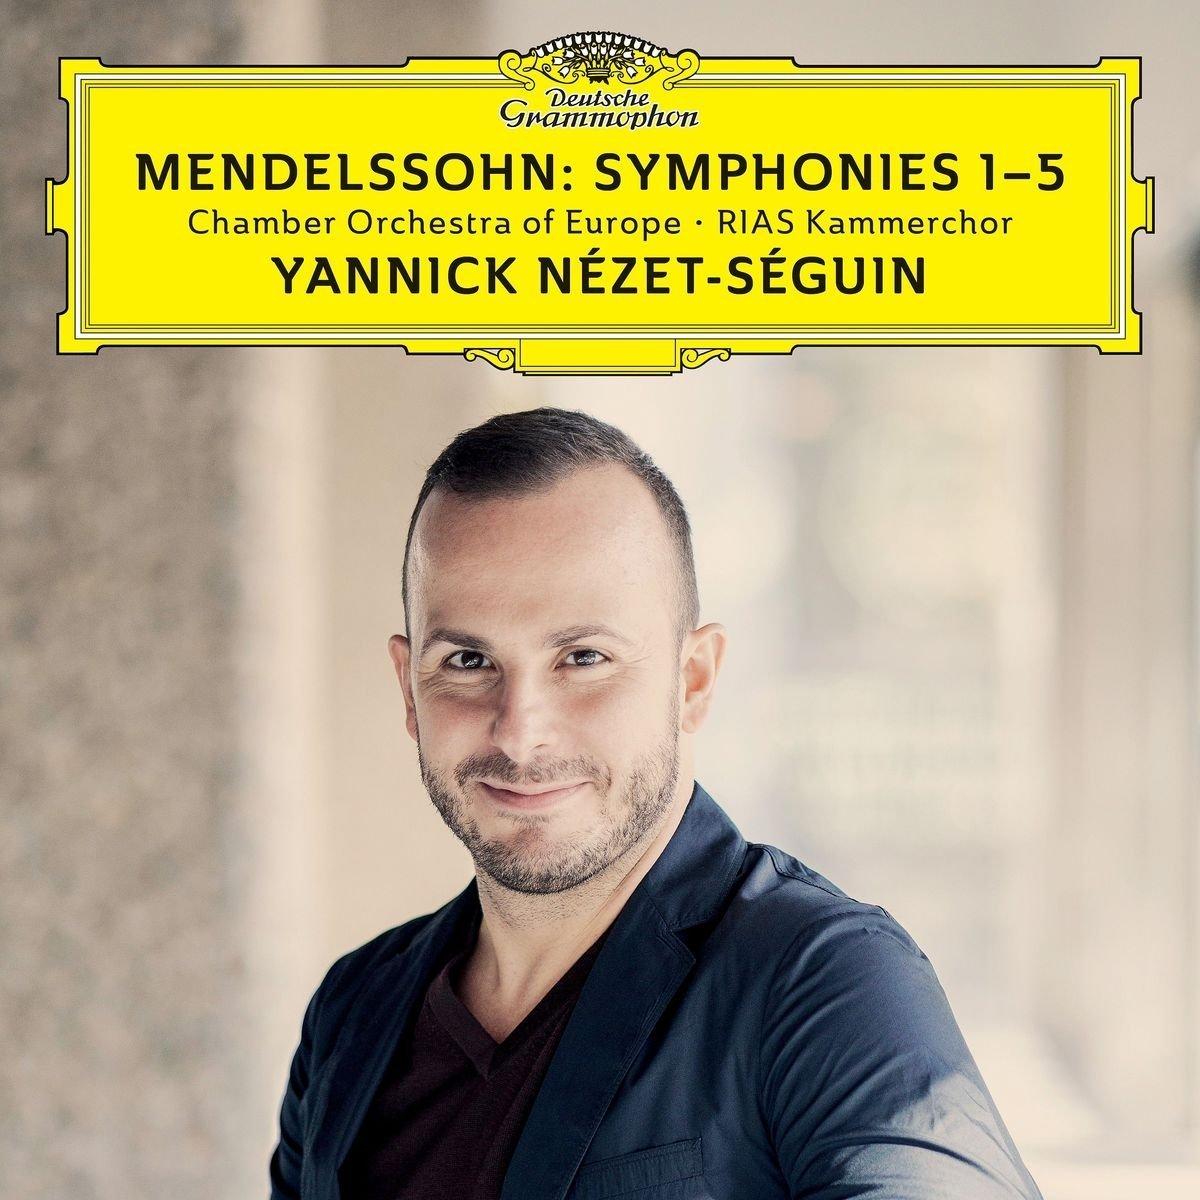 Mendelssohn: Symphonies 1-5 Nezet-Seguin/Chamber O